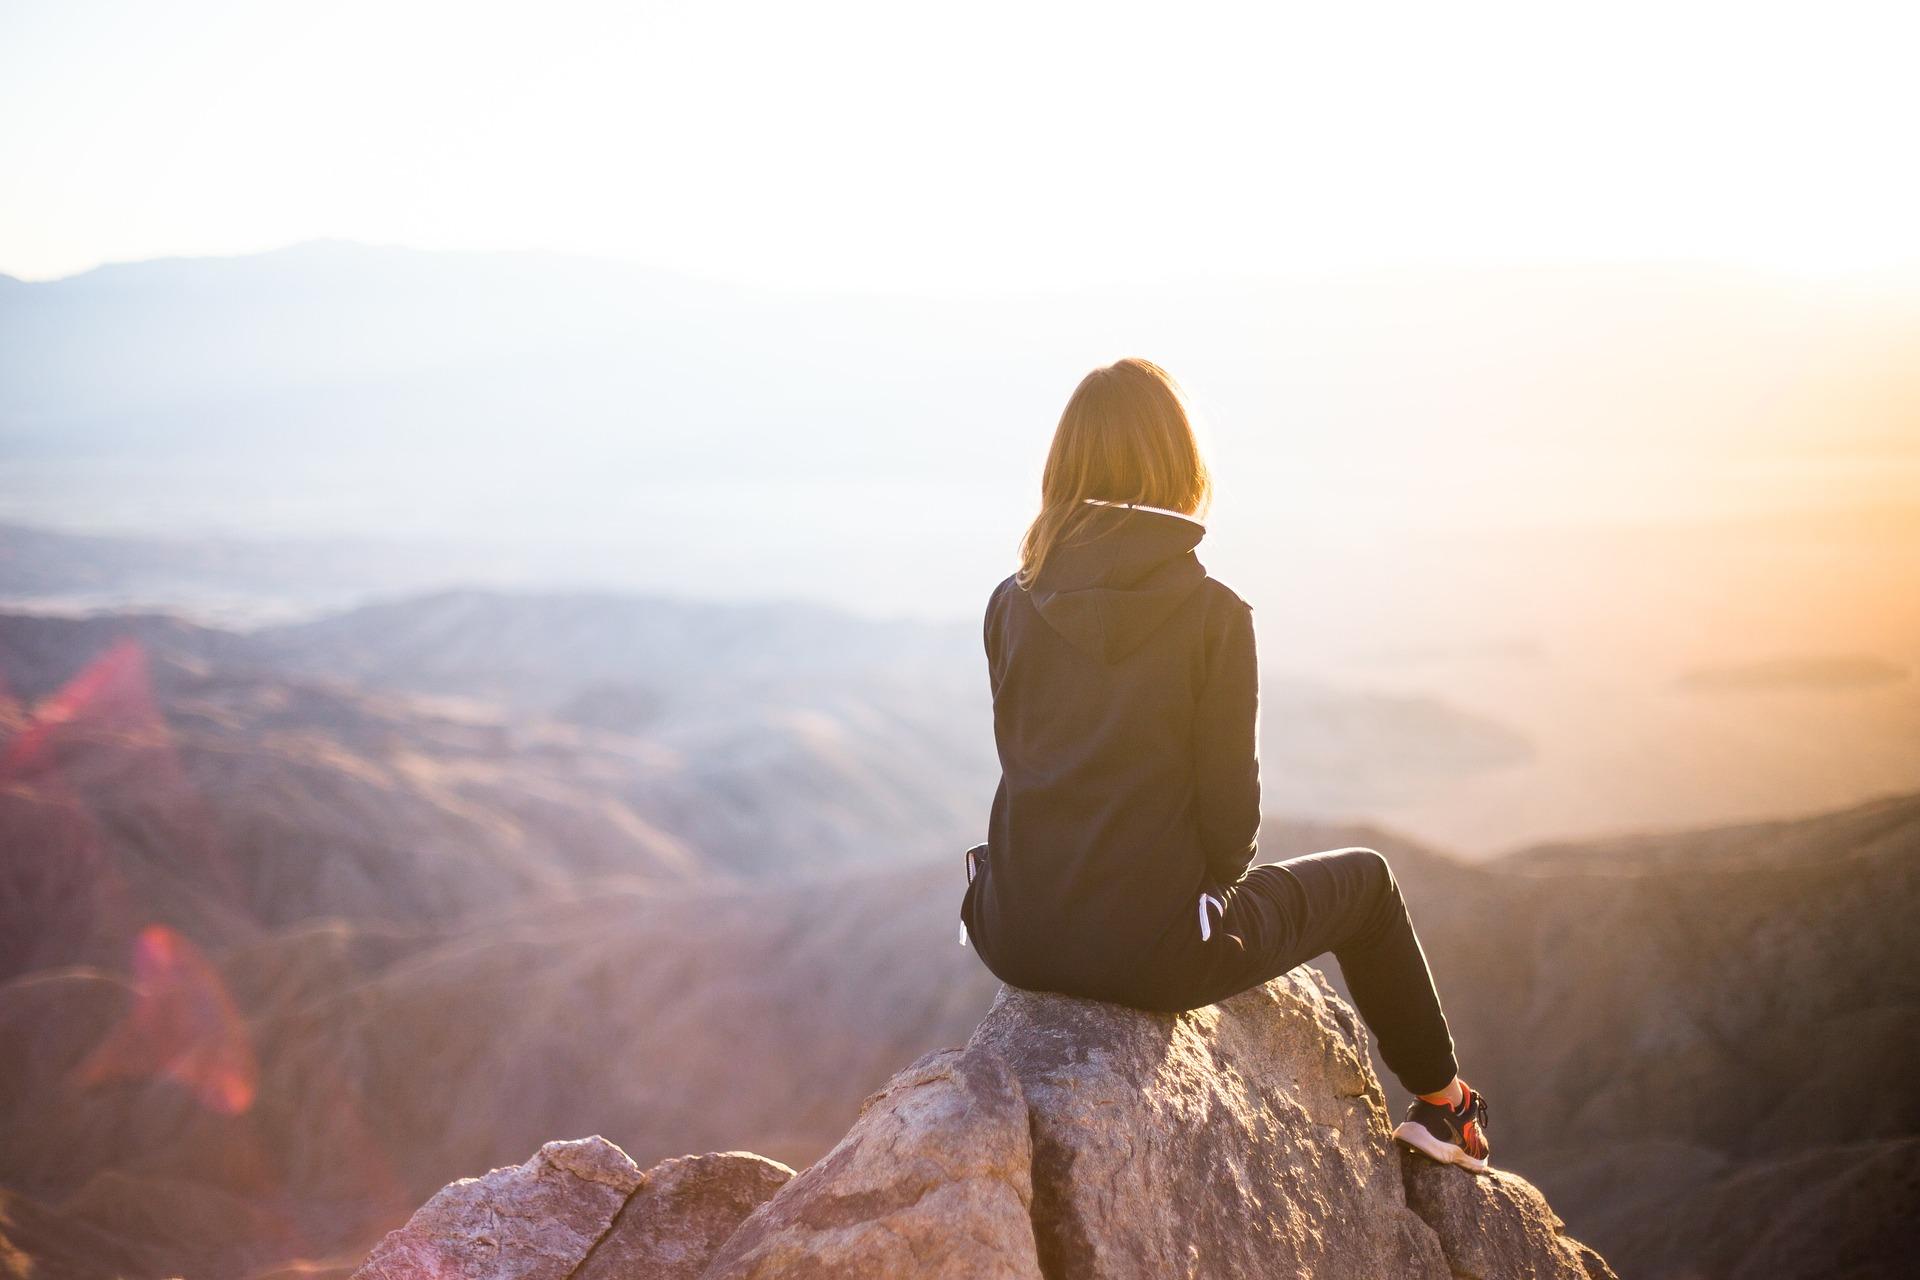 Magabiztos sodródás – mitől félnek, miben bíznak a mai fiatalok?